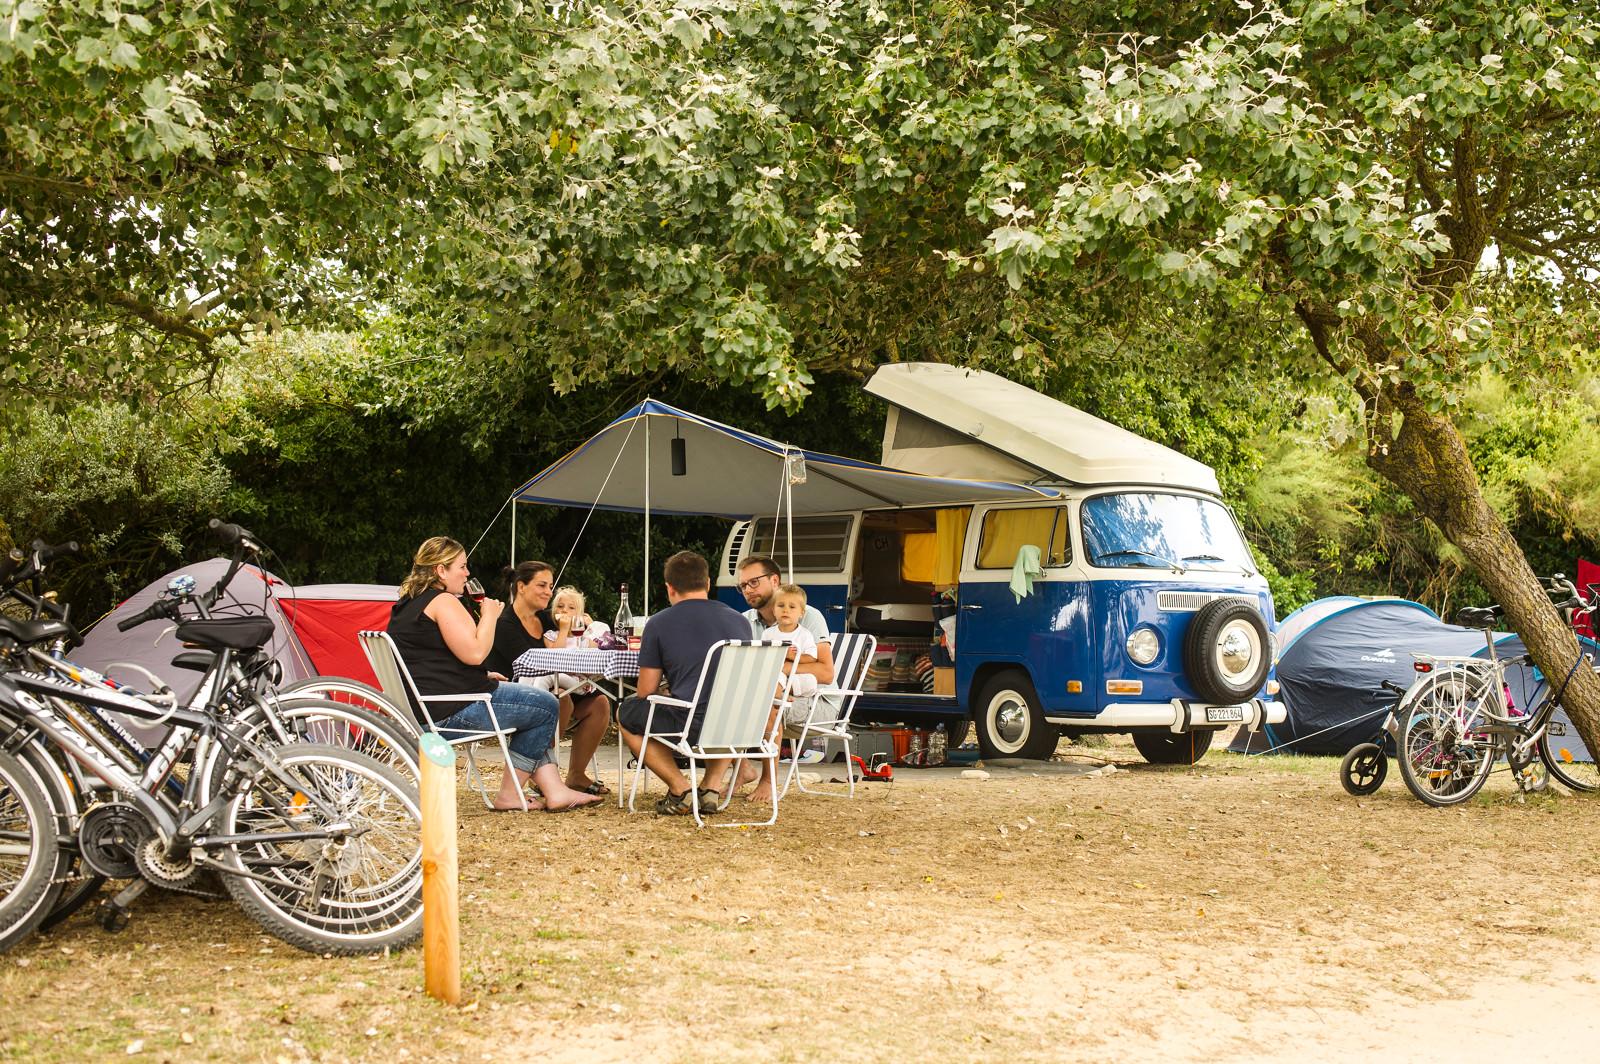 Camping Côte Sauvage Île-de-Ré, Sainte-Marie-de-Ré, Charente-Maritime